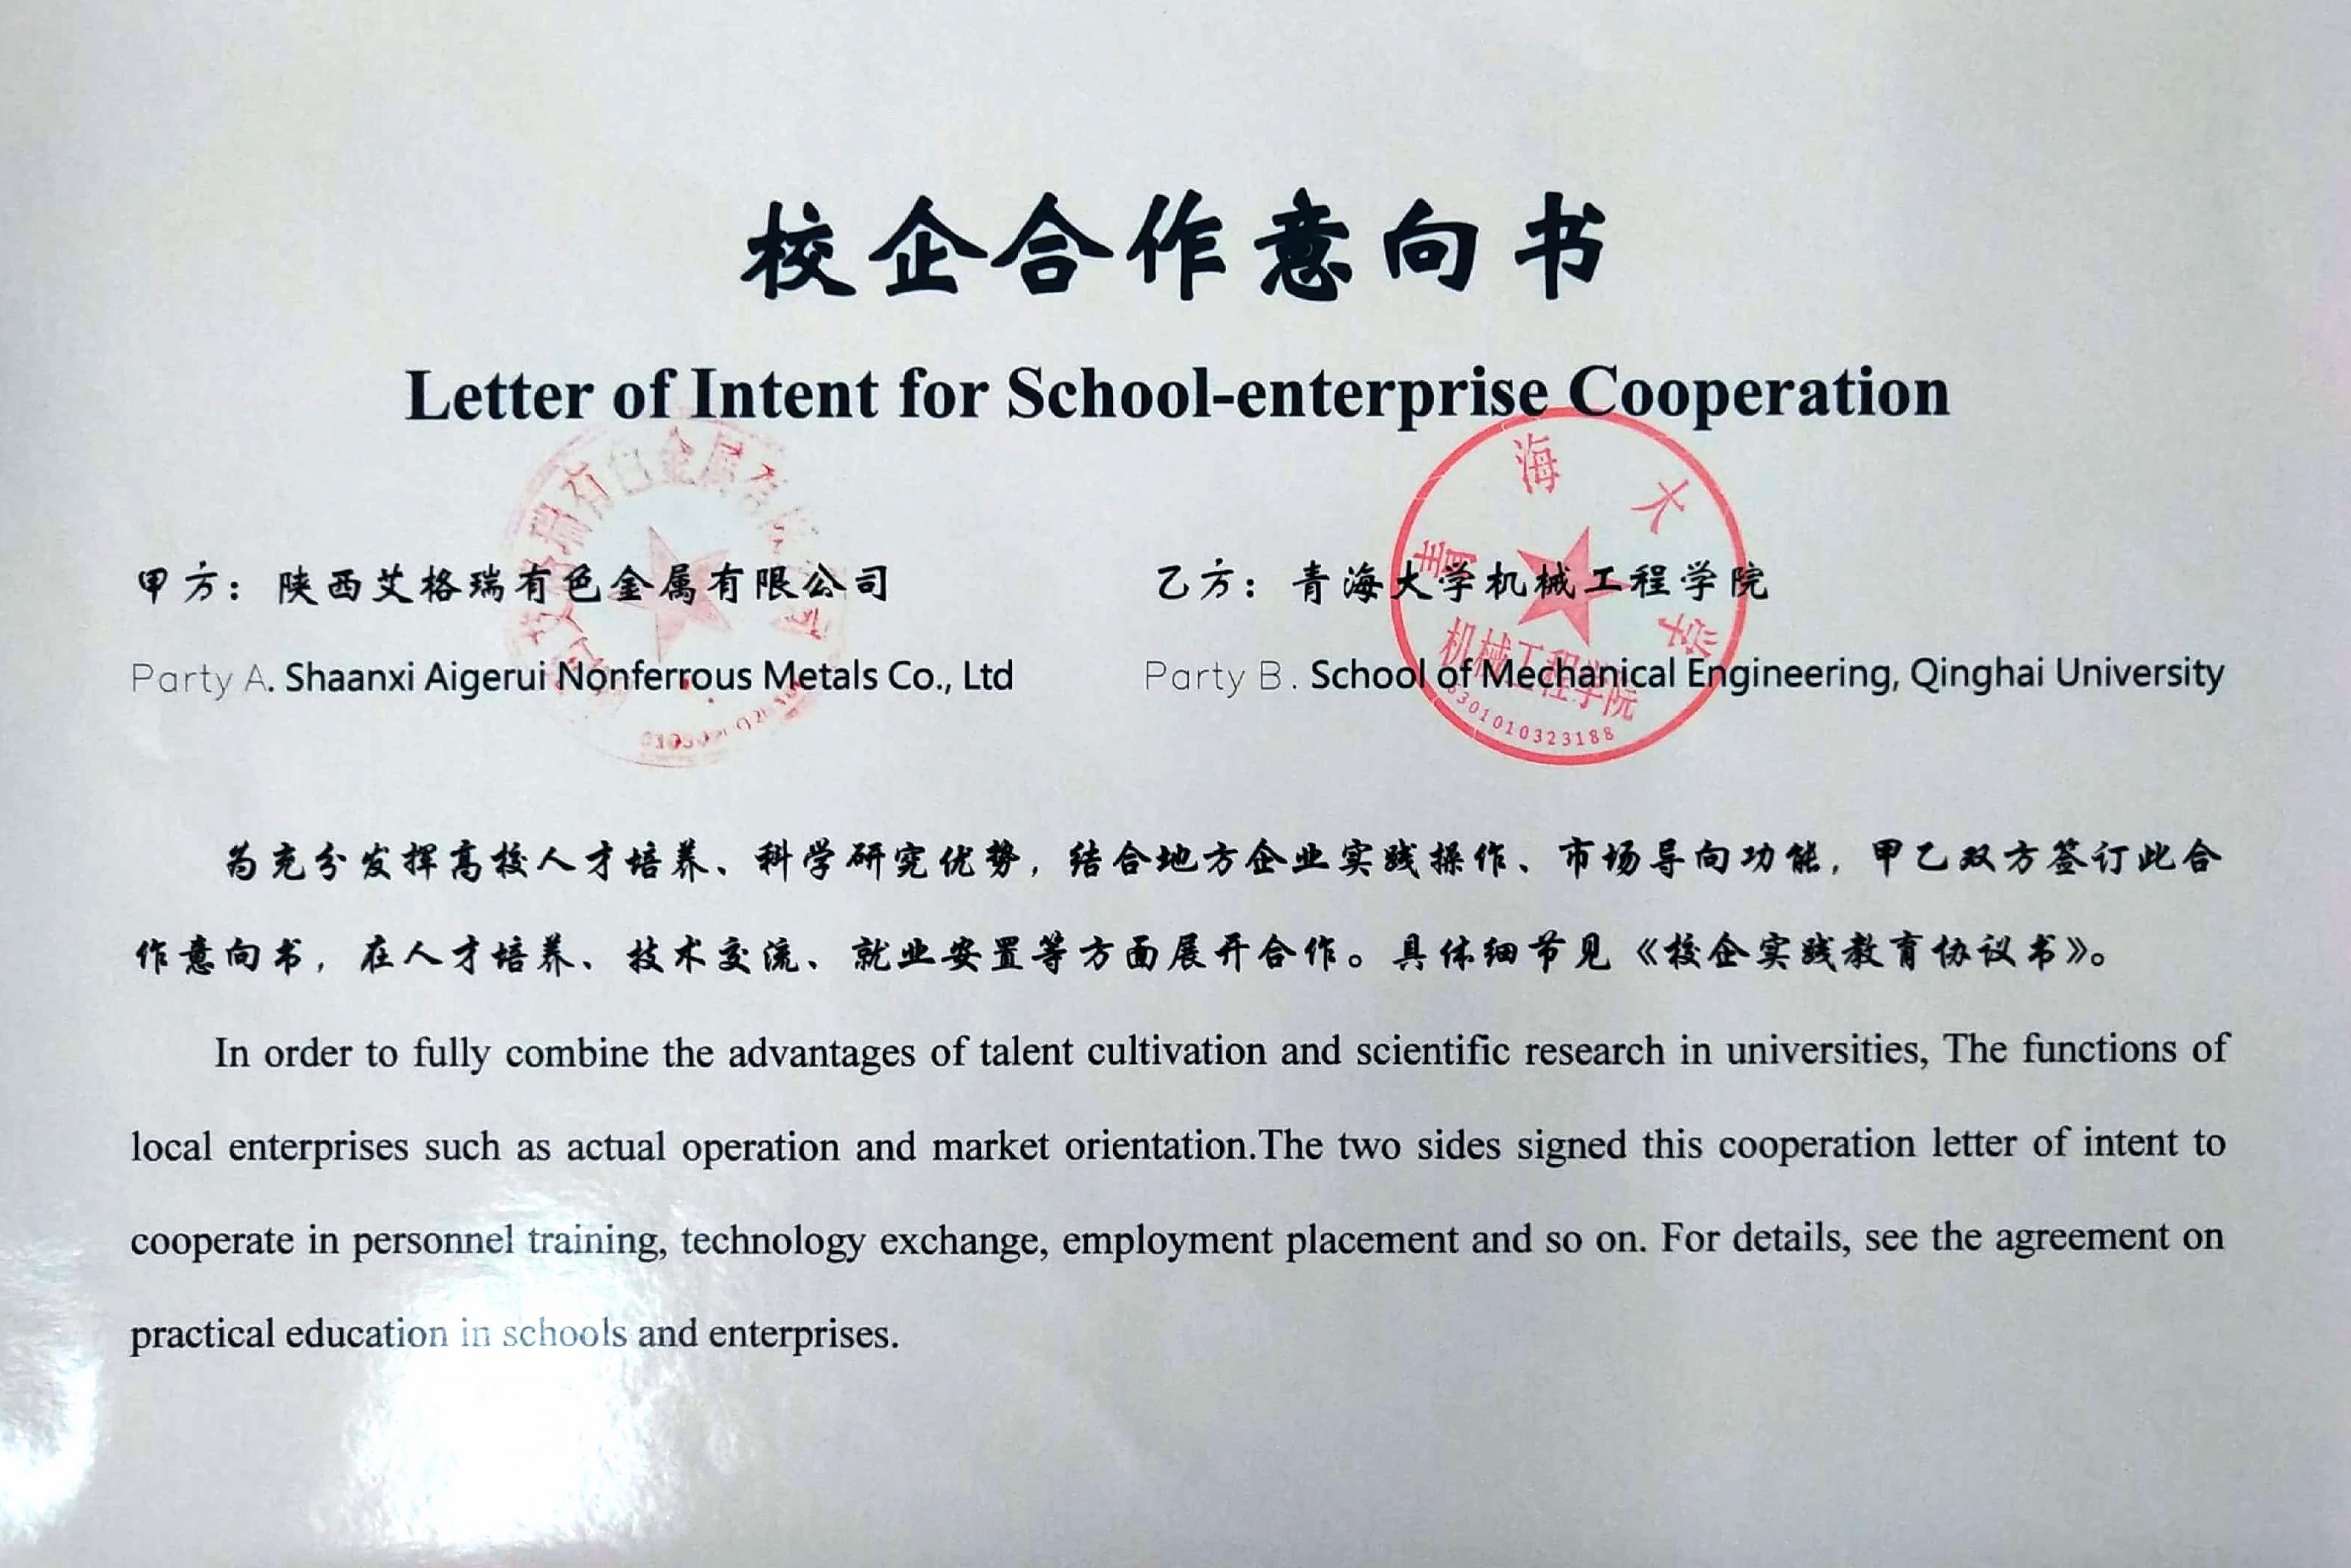 青海大学机械工程学院校企合作意向书